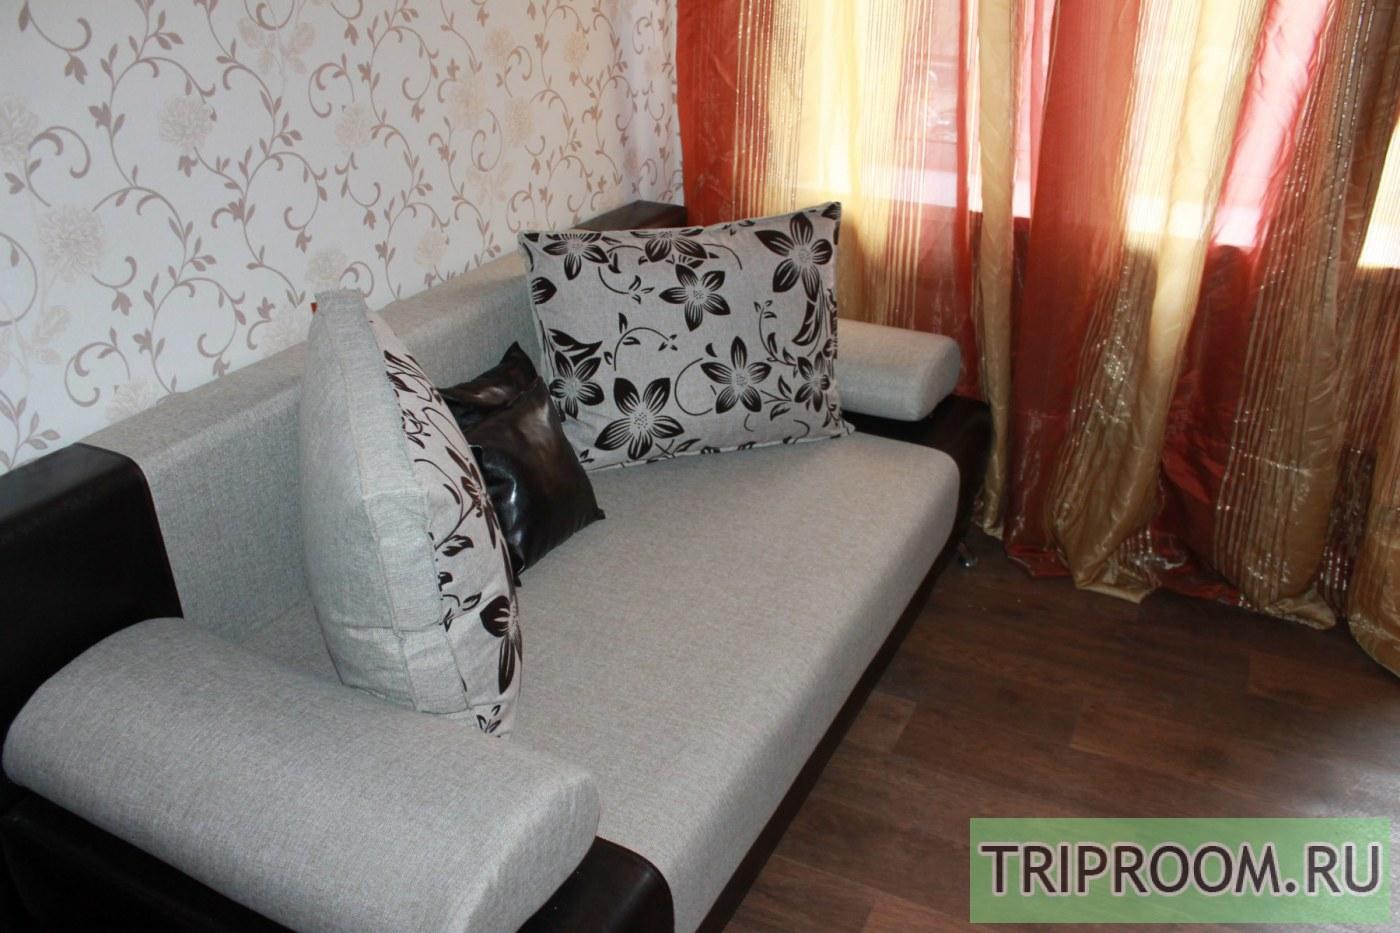 2-комнатная квартира посуточно (вариант № 40137), ул. Новоузенская улица, фото № 3